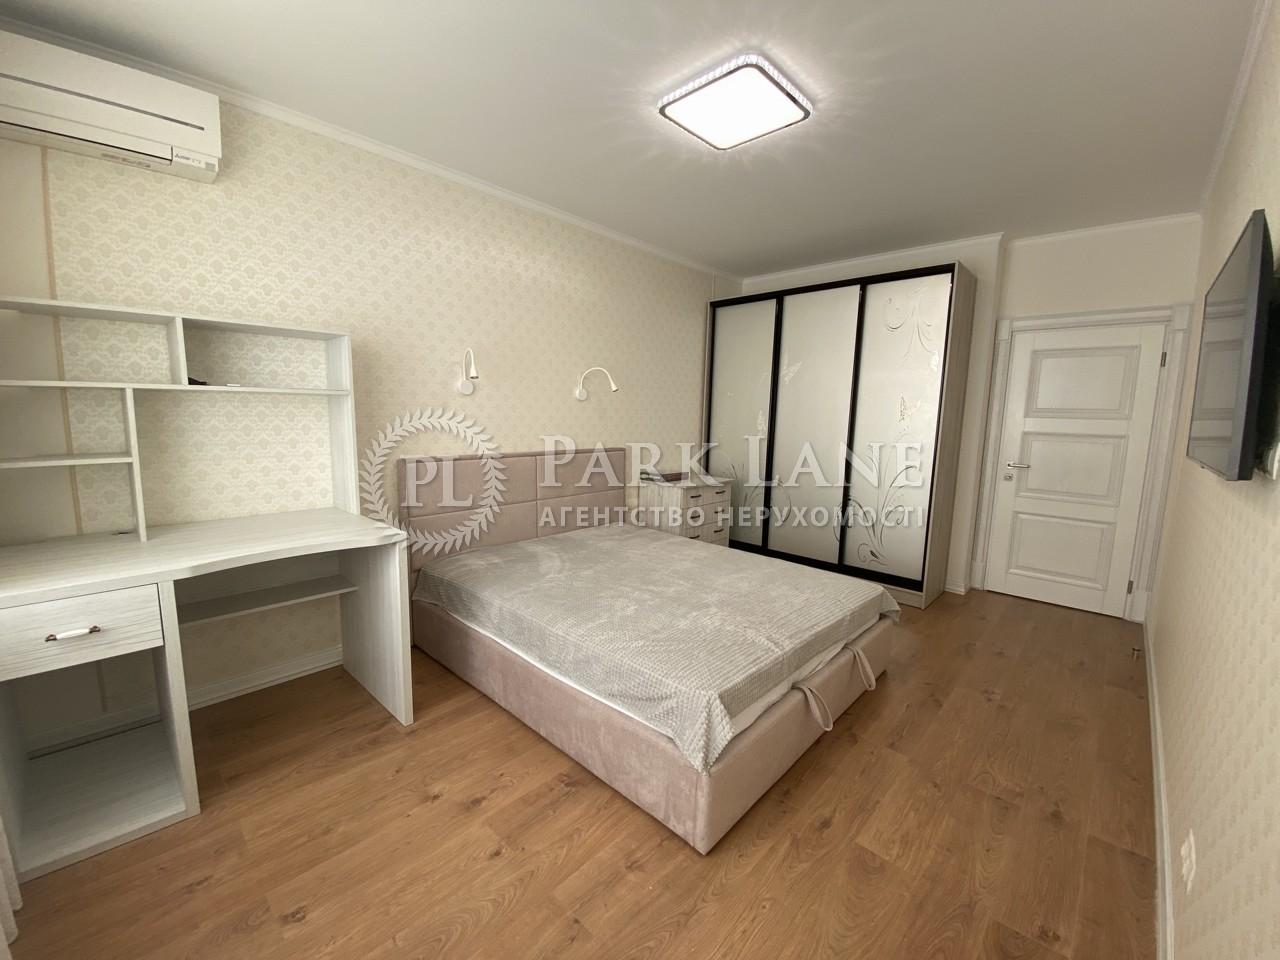 Квартира ул. Нижнеключевая, 14, Киев, J-29623 - Фото 7